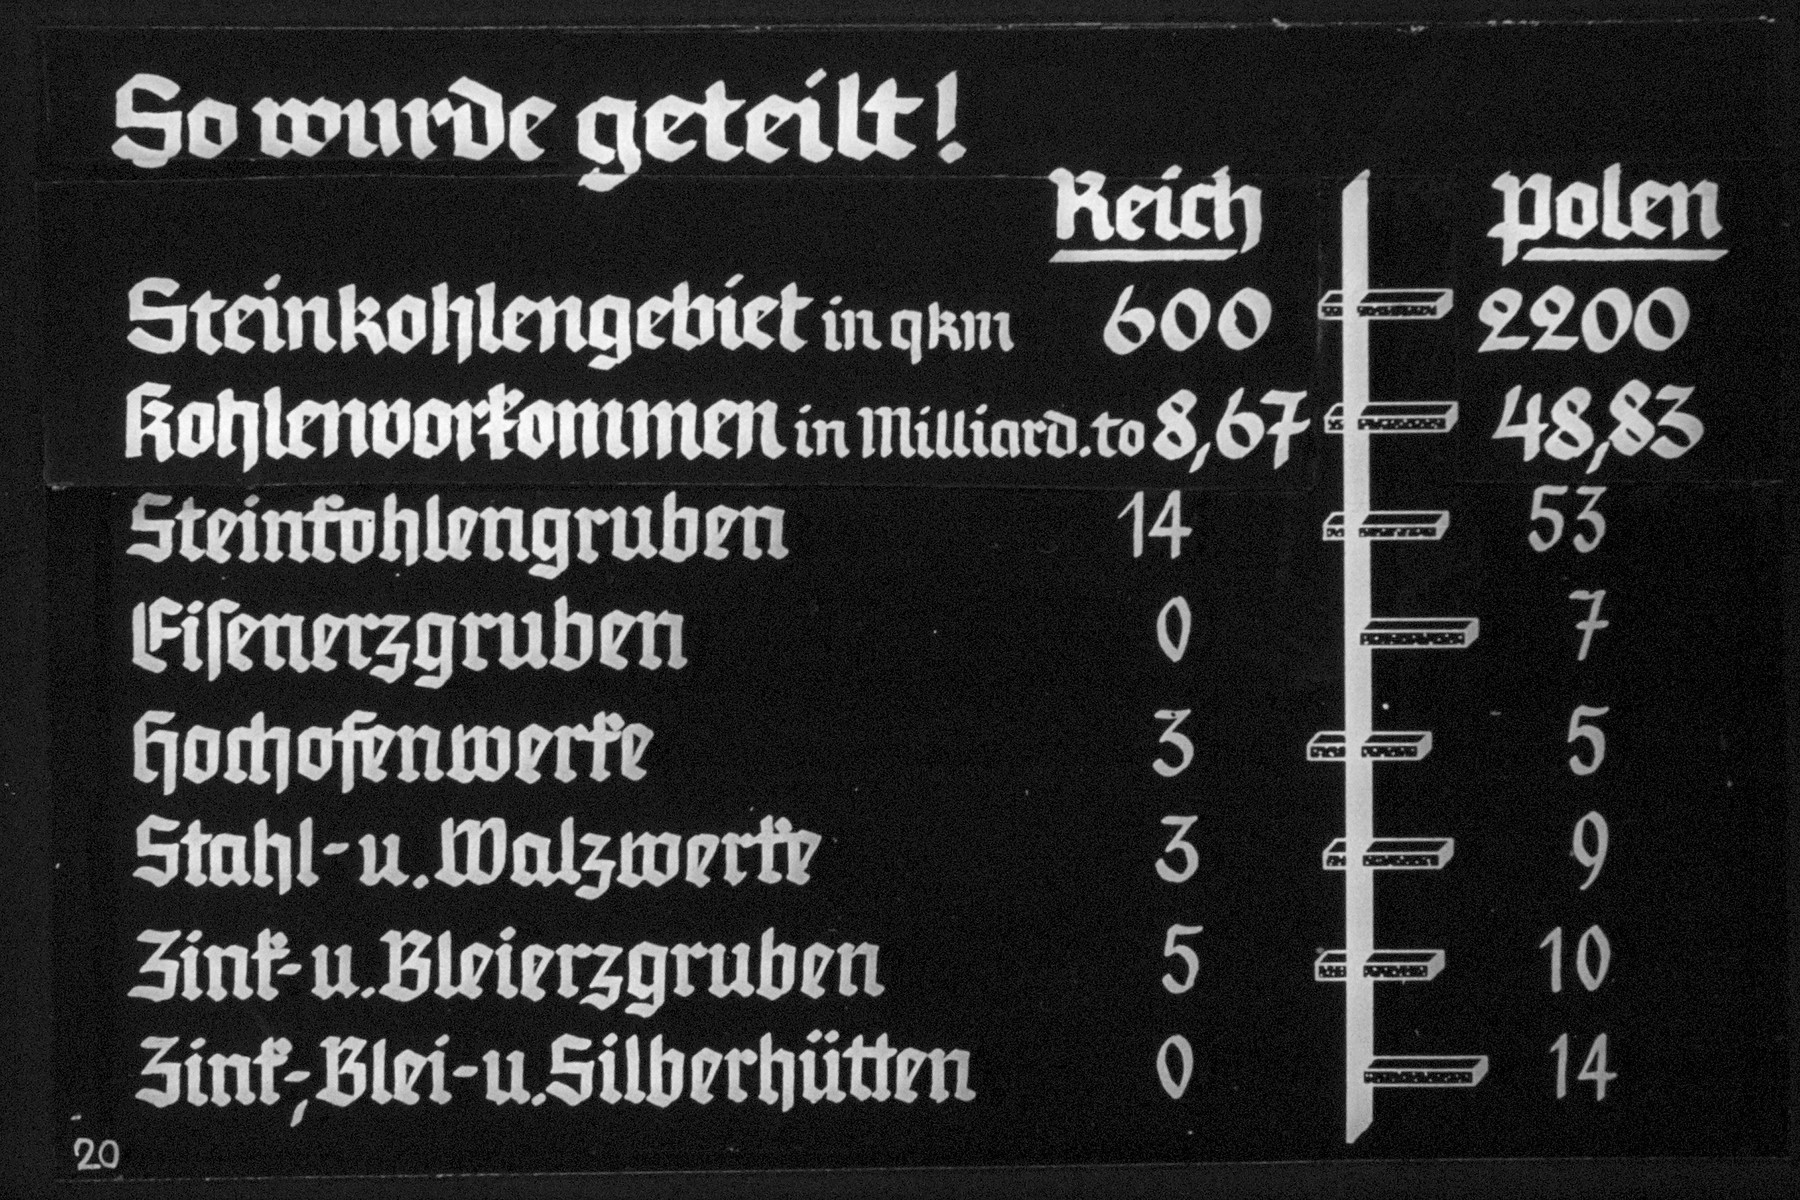 """21st Nazi propaganda slide from Hitler Youth educational material titled """"Border Land Upper Silesia.""""  So wurde geteilt! // It was divided this way!  ReichPolen Steinkohlengebiete in km2- coal fields                    600           2200  Steunkohlengruben coal mines  Eisenerzgruben Iron ore mines  Hochofenwerke  ZinkBlei-und Silverhütten zinc, lead & silver factories"""